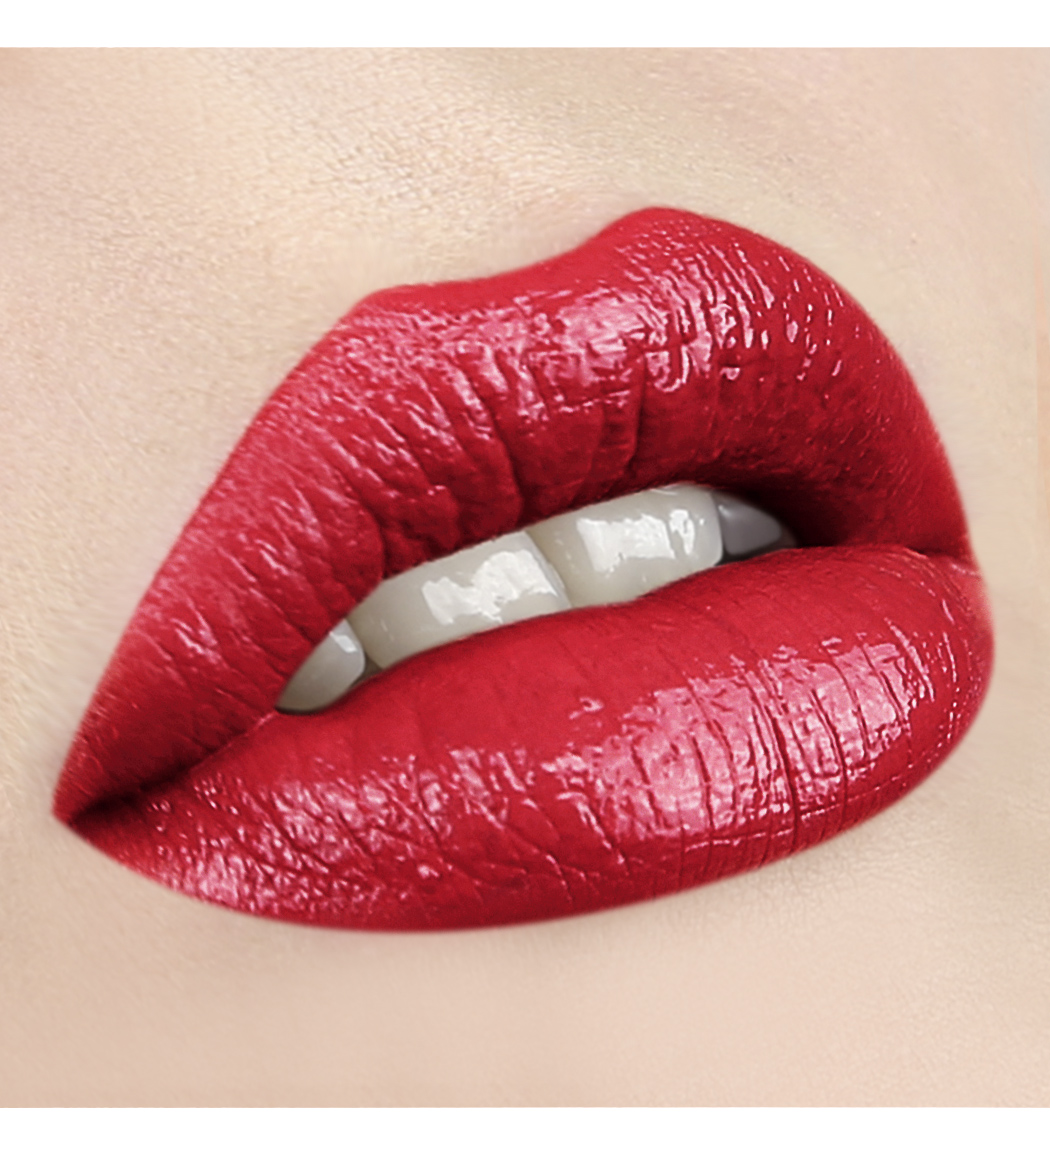 LUXVISAGE-65 холодный красный с глянцевым блеском